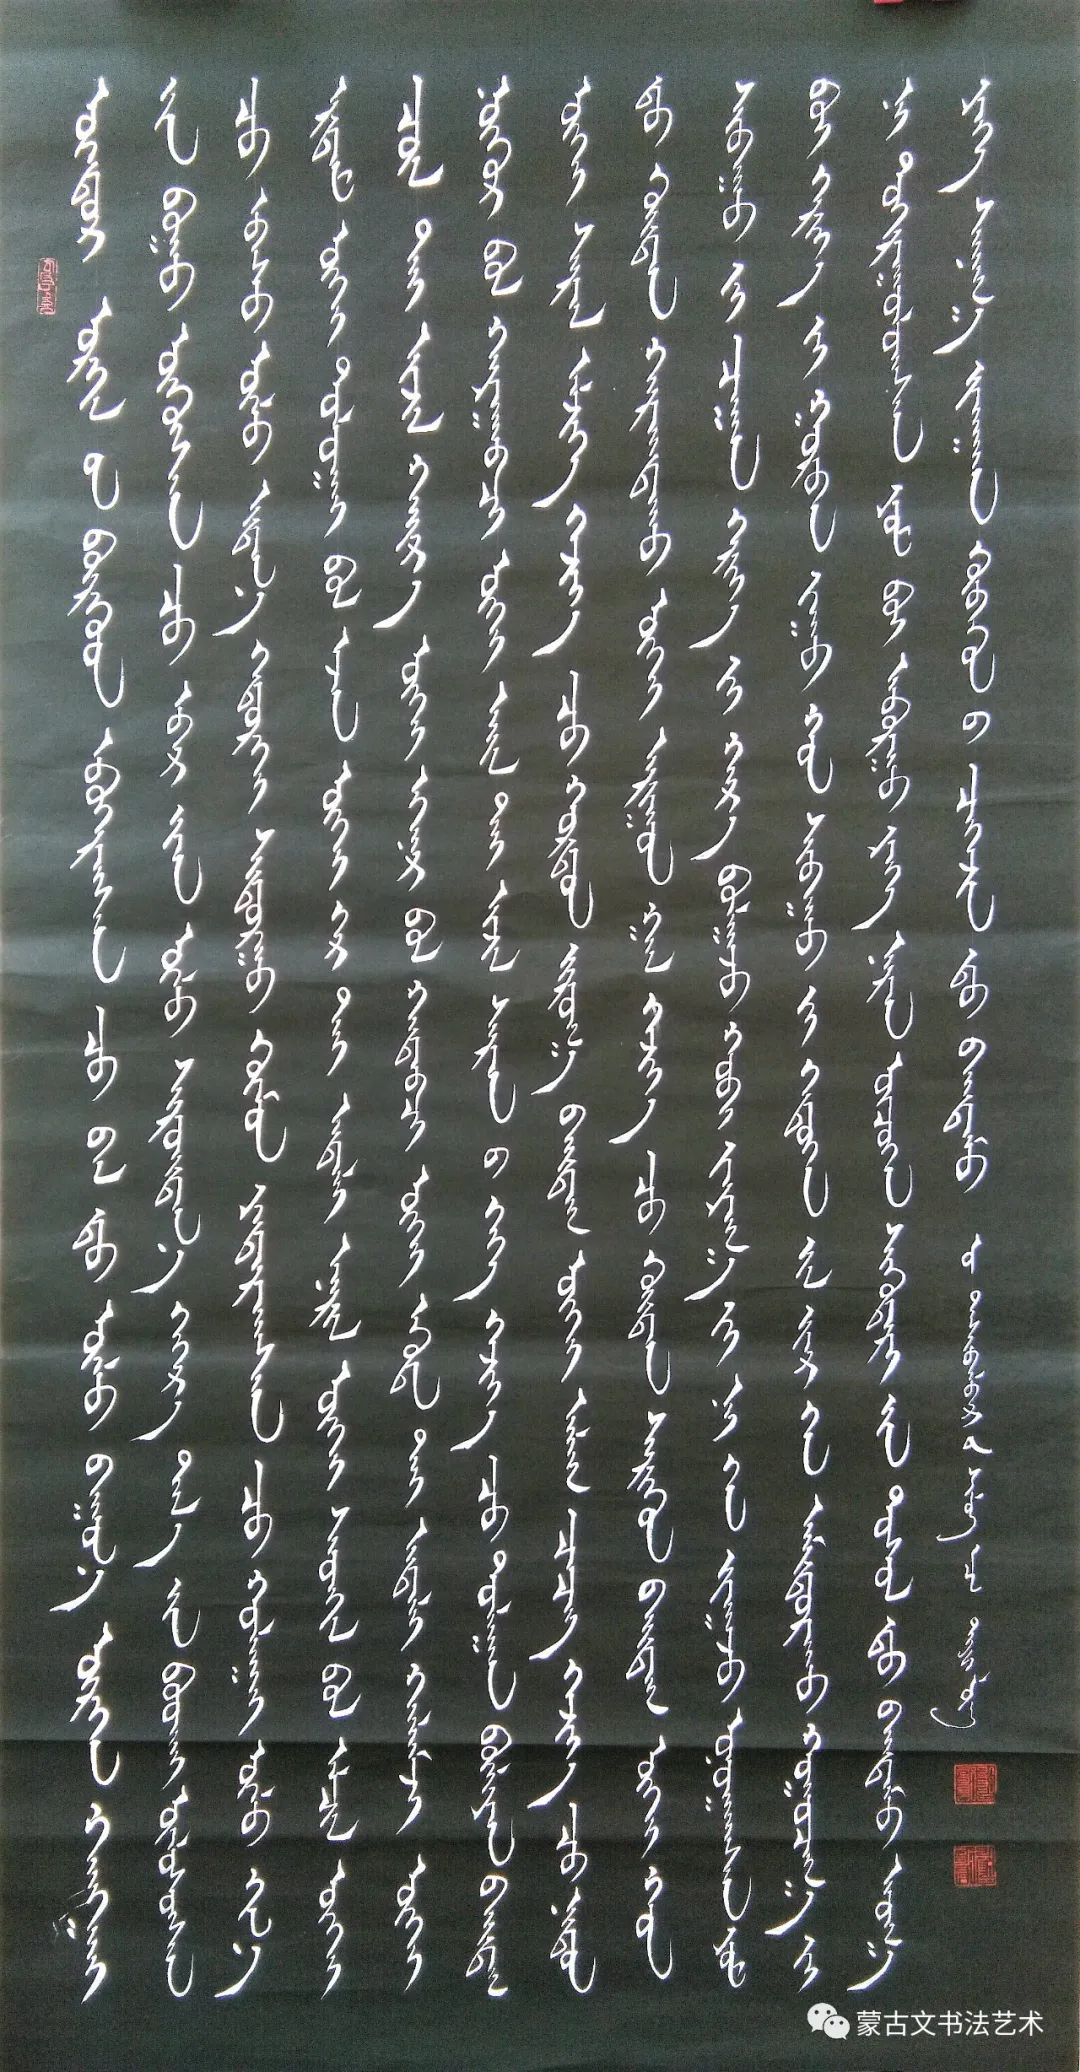 铁龙蒙古文书法 第12张